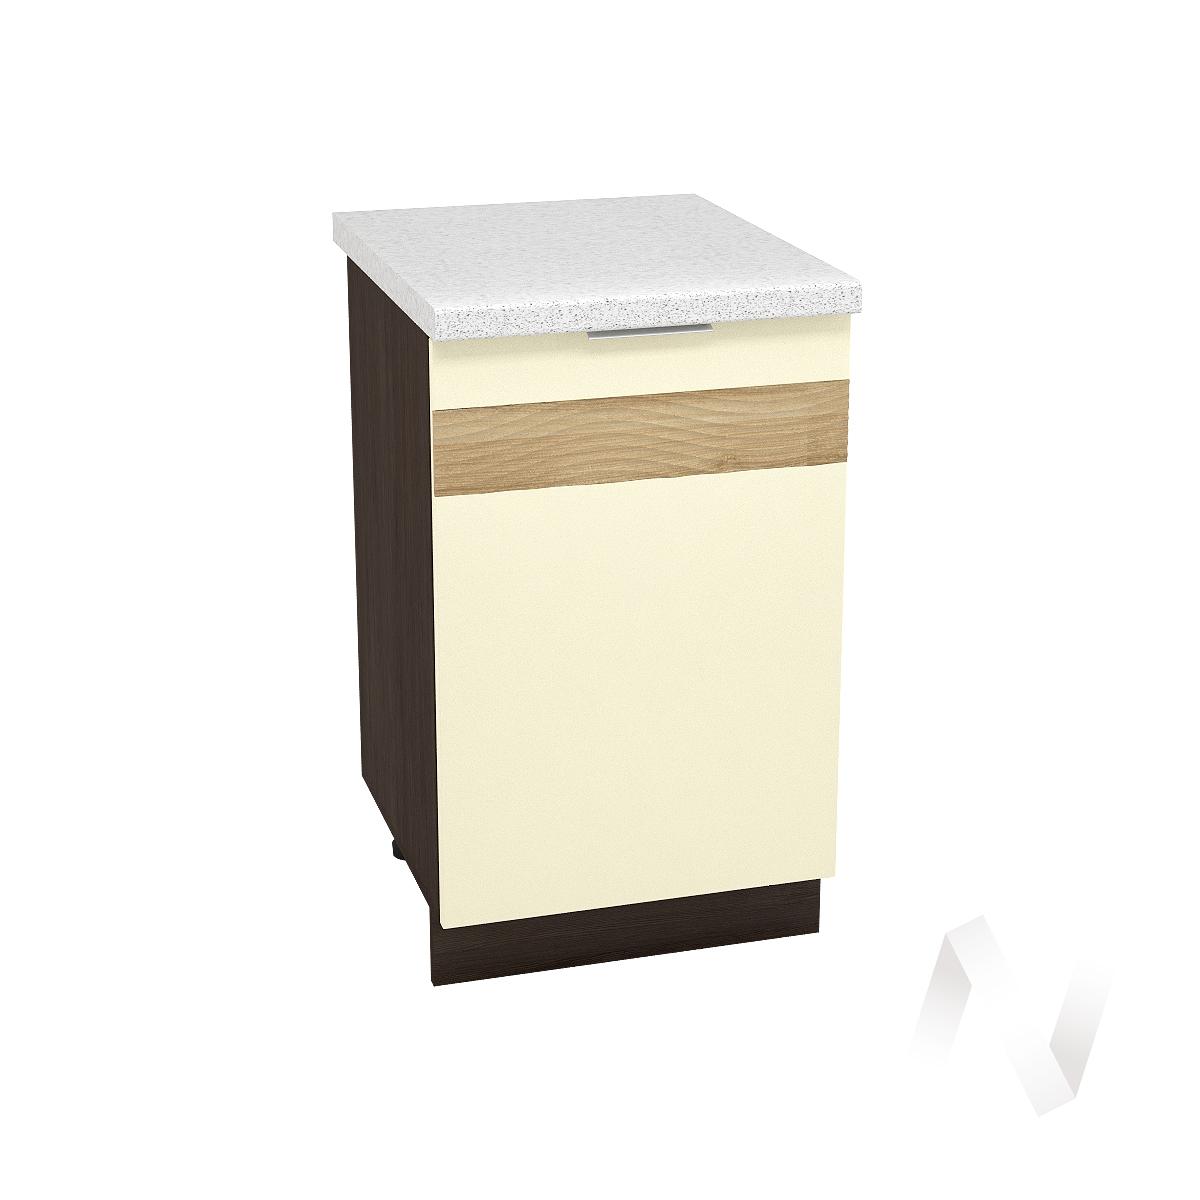 """Кухня """"Терра"""": Шкаф нижний правый 500, ШН 500 (ваниль софт/корпус венге)"""